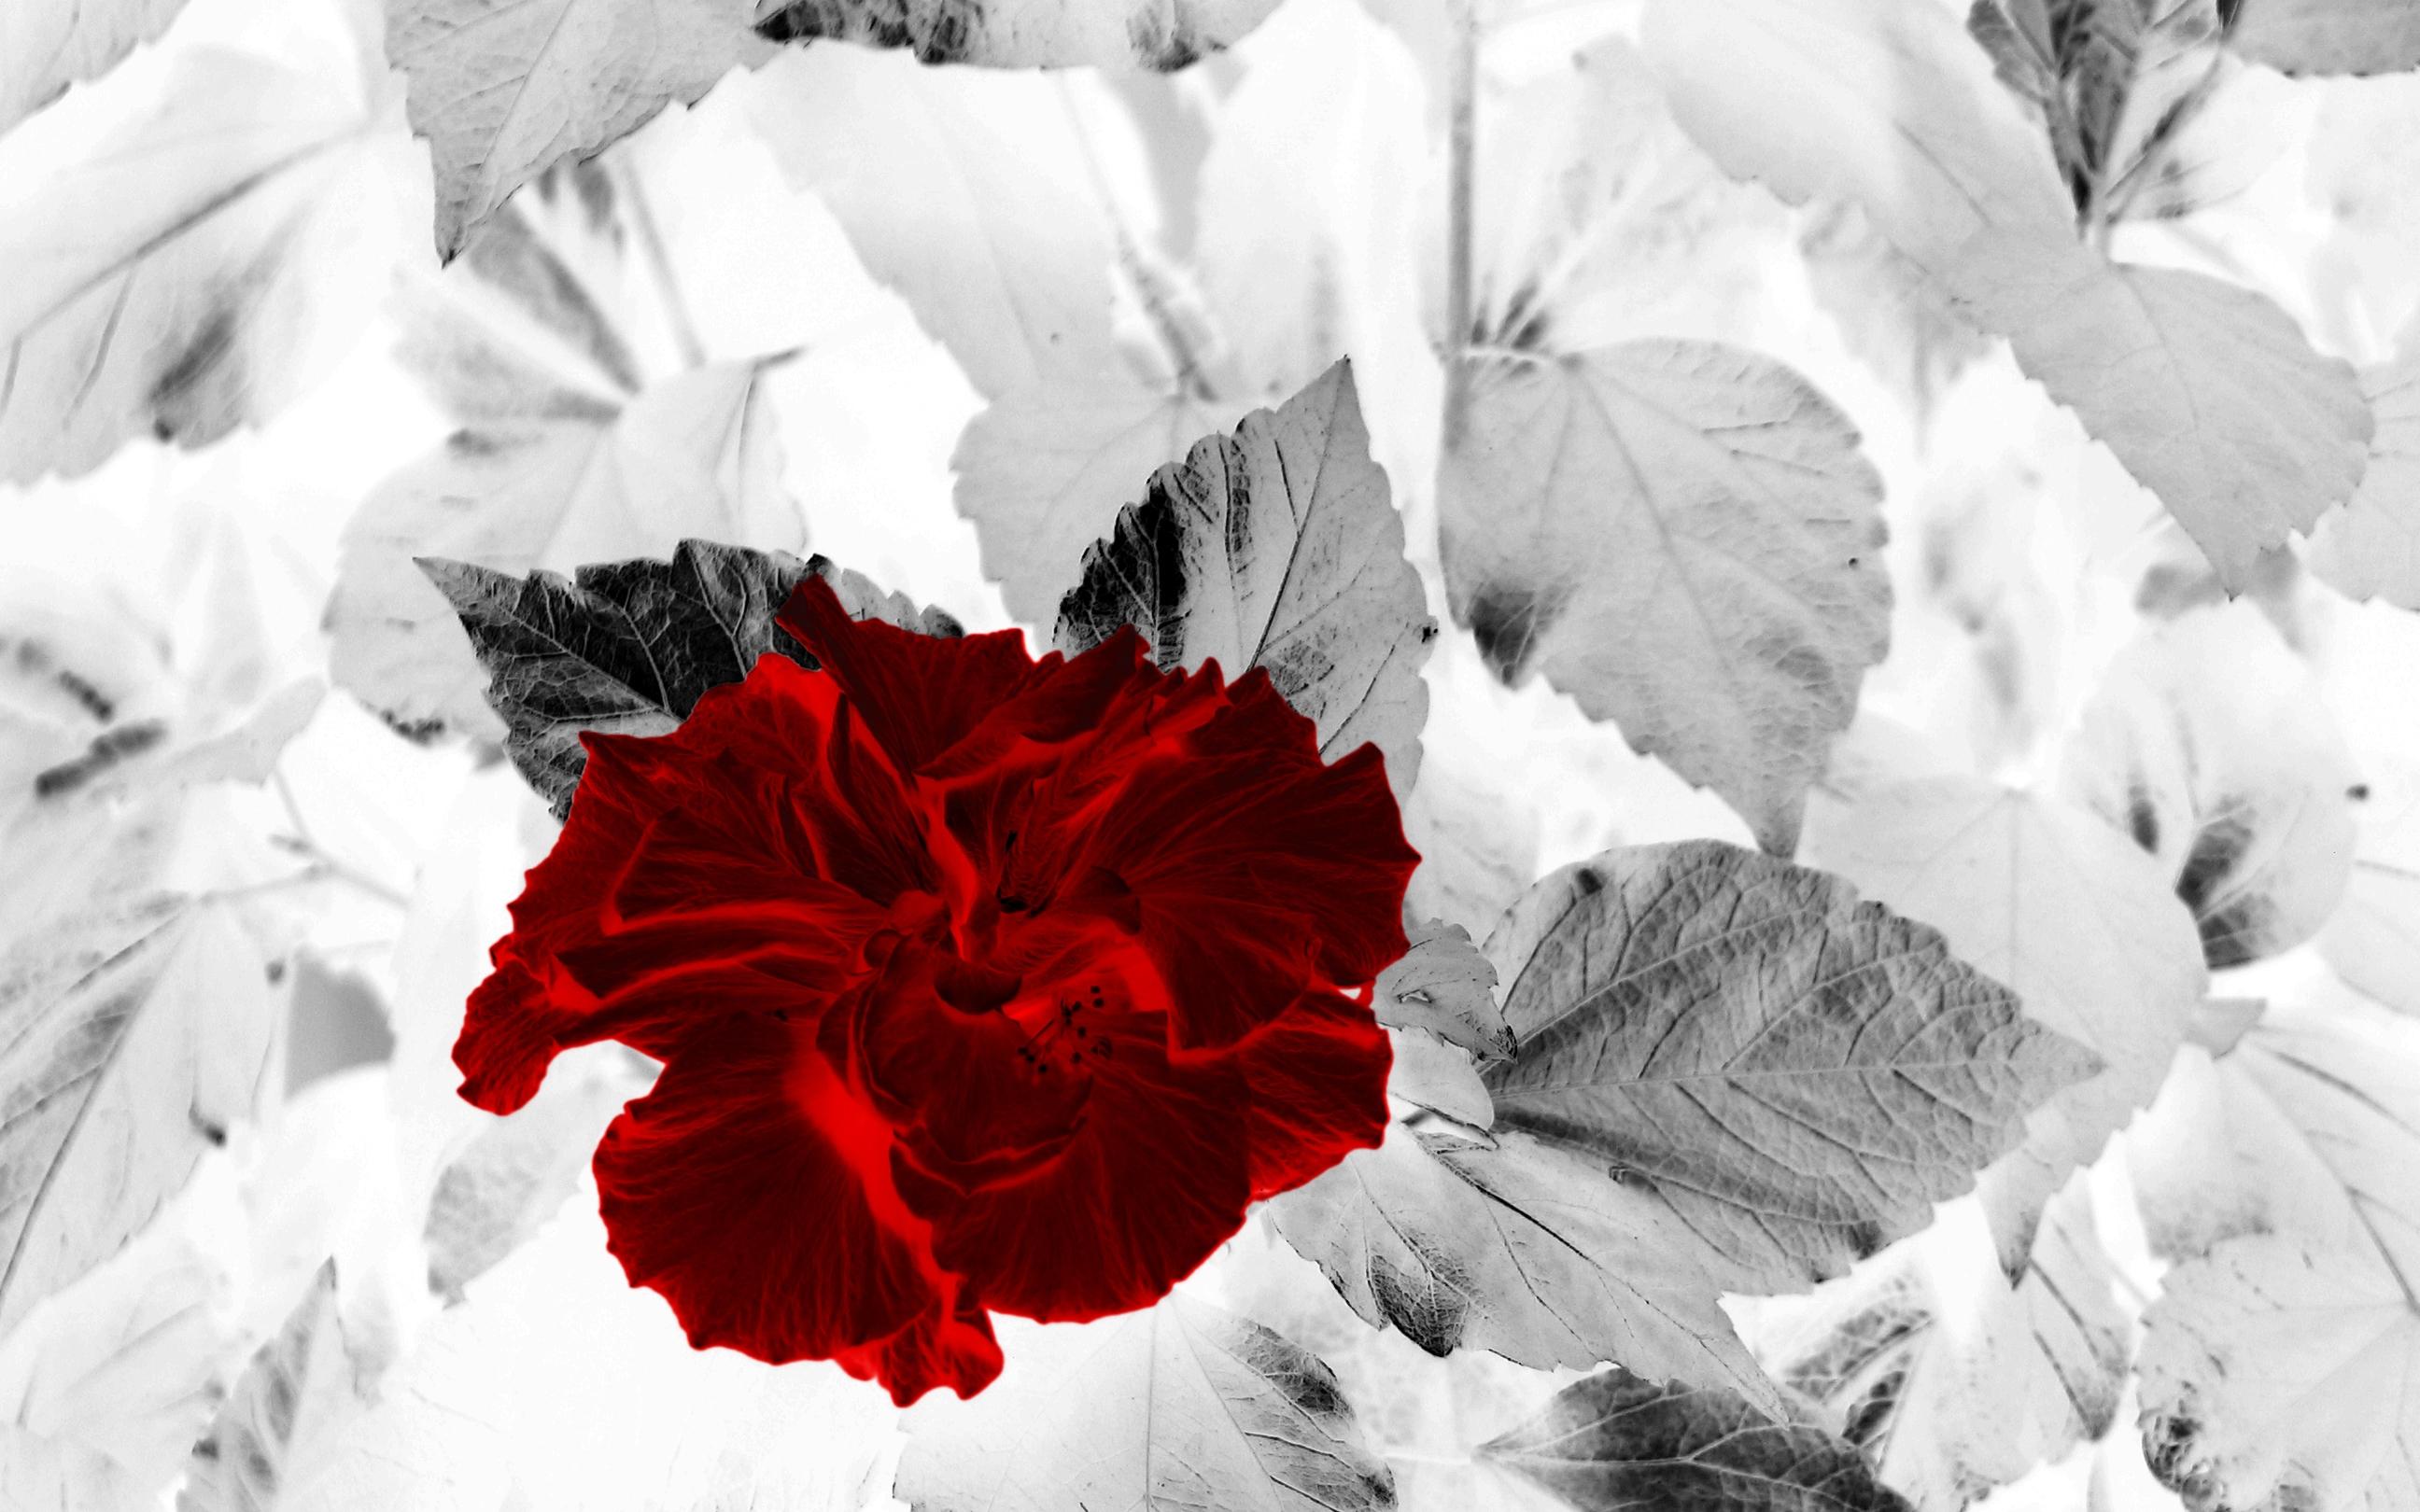 Открытки добрым, открытки красное на белом